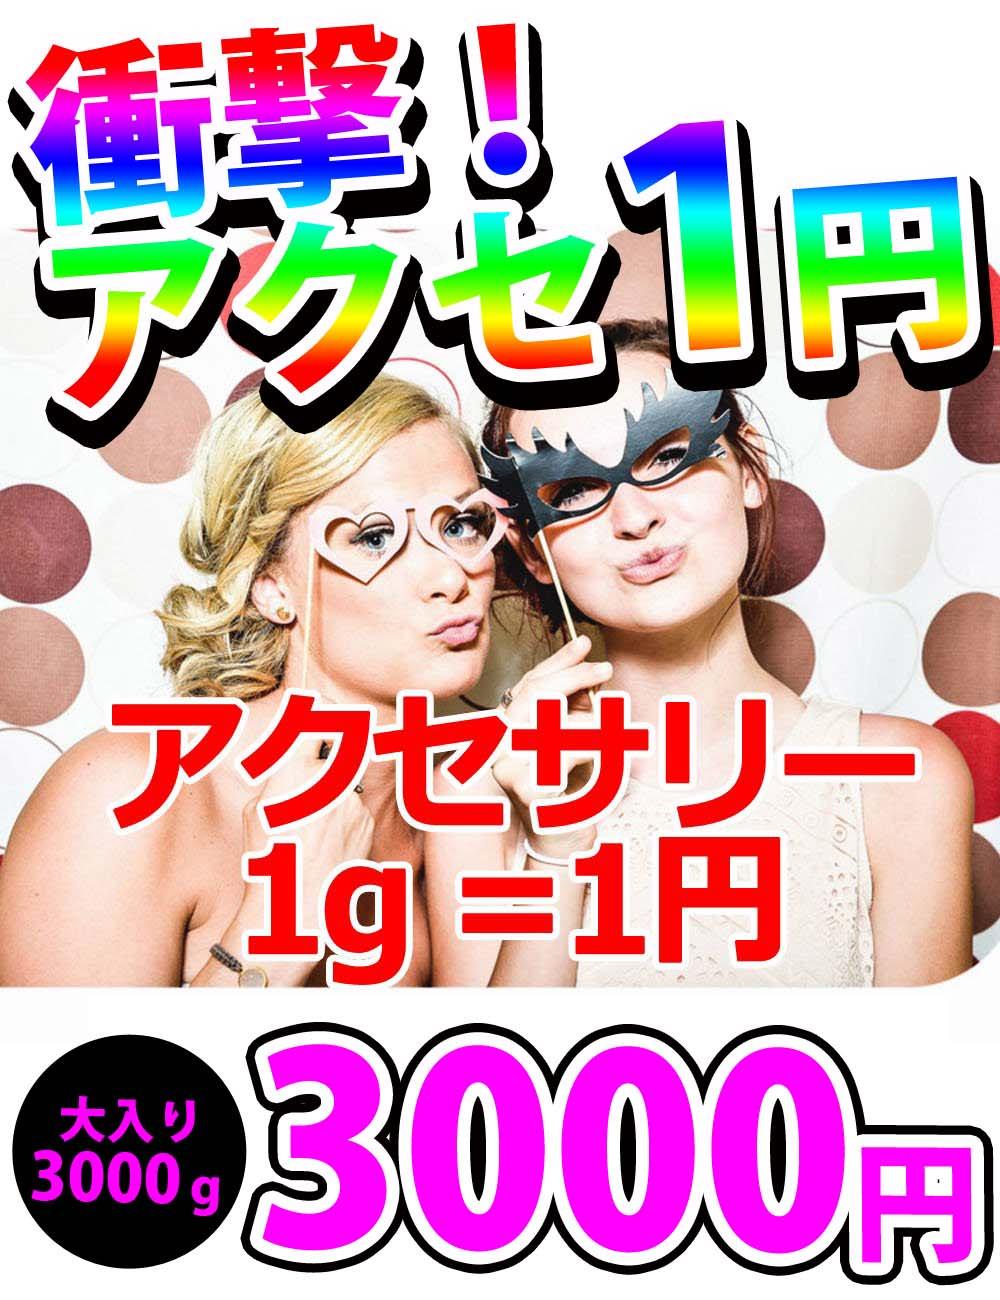 【 衝撃アクセ1円 】アクセサリー 1g 1円 まとめて3000gアソート☆【3000g】@1